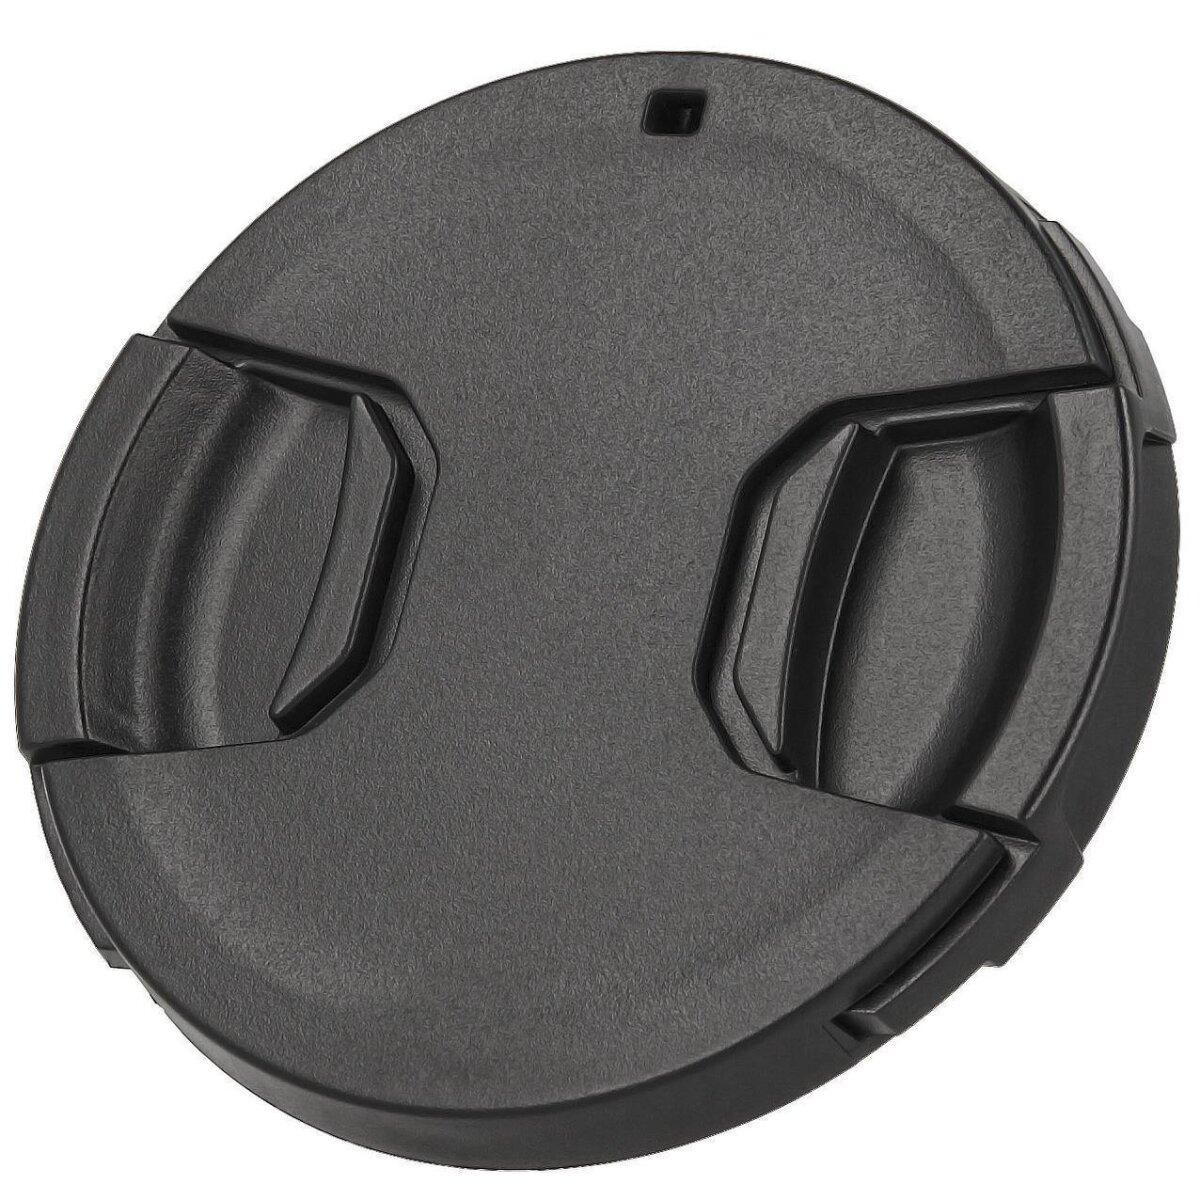 JJC 77mm Schnappdeckel, Objektivdeckel, Frontdeckel mit Innengriff und Schnappfunktion - KLC-77